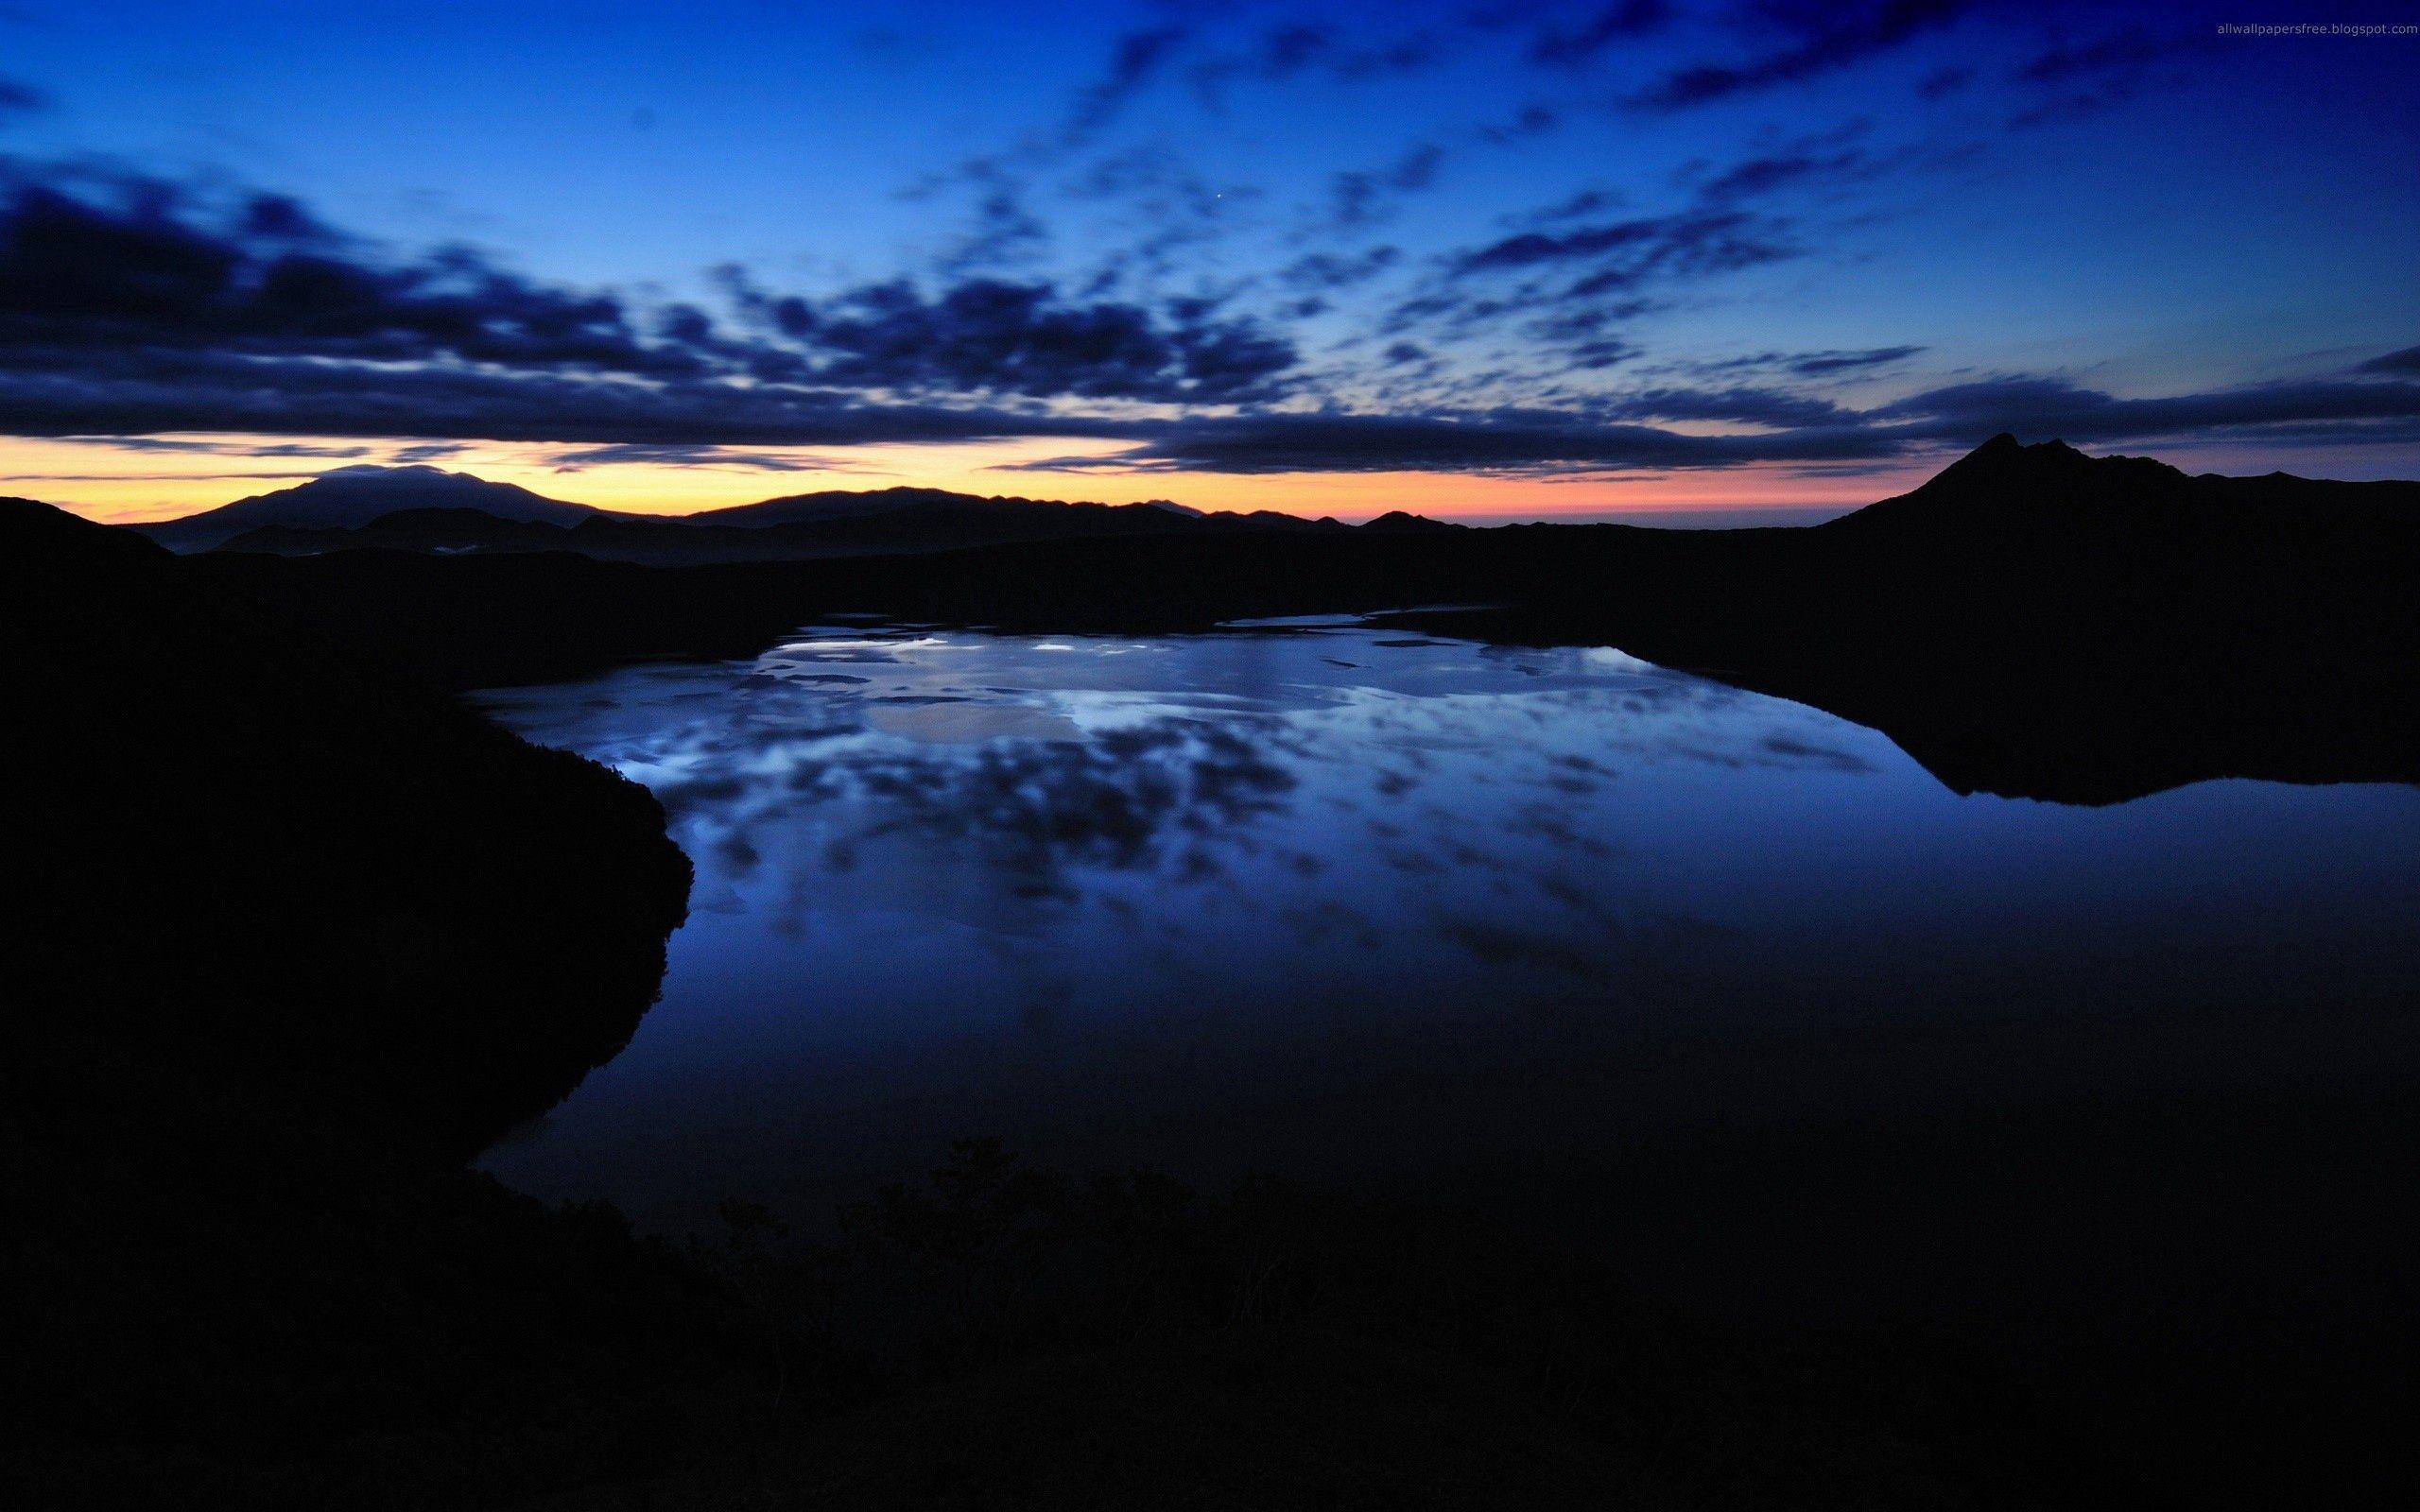 免費下載 92021: 河, 日落, 天空, 夜, 黑暗的, 黑暗 桌面壁紙